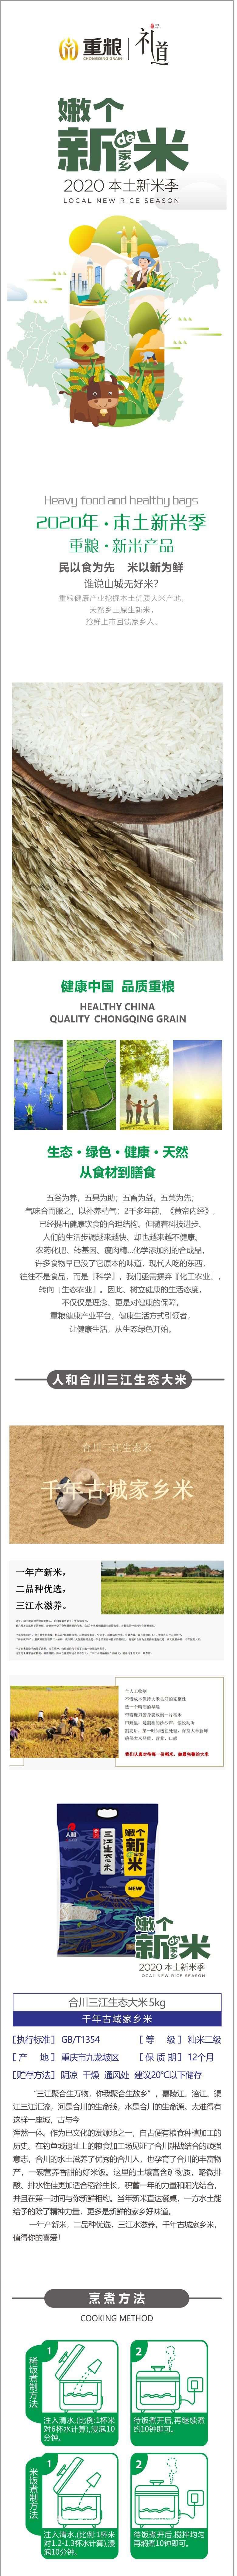 三江生態米 長圖_1_1.JPG